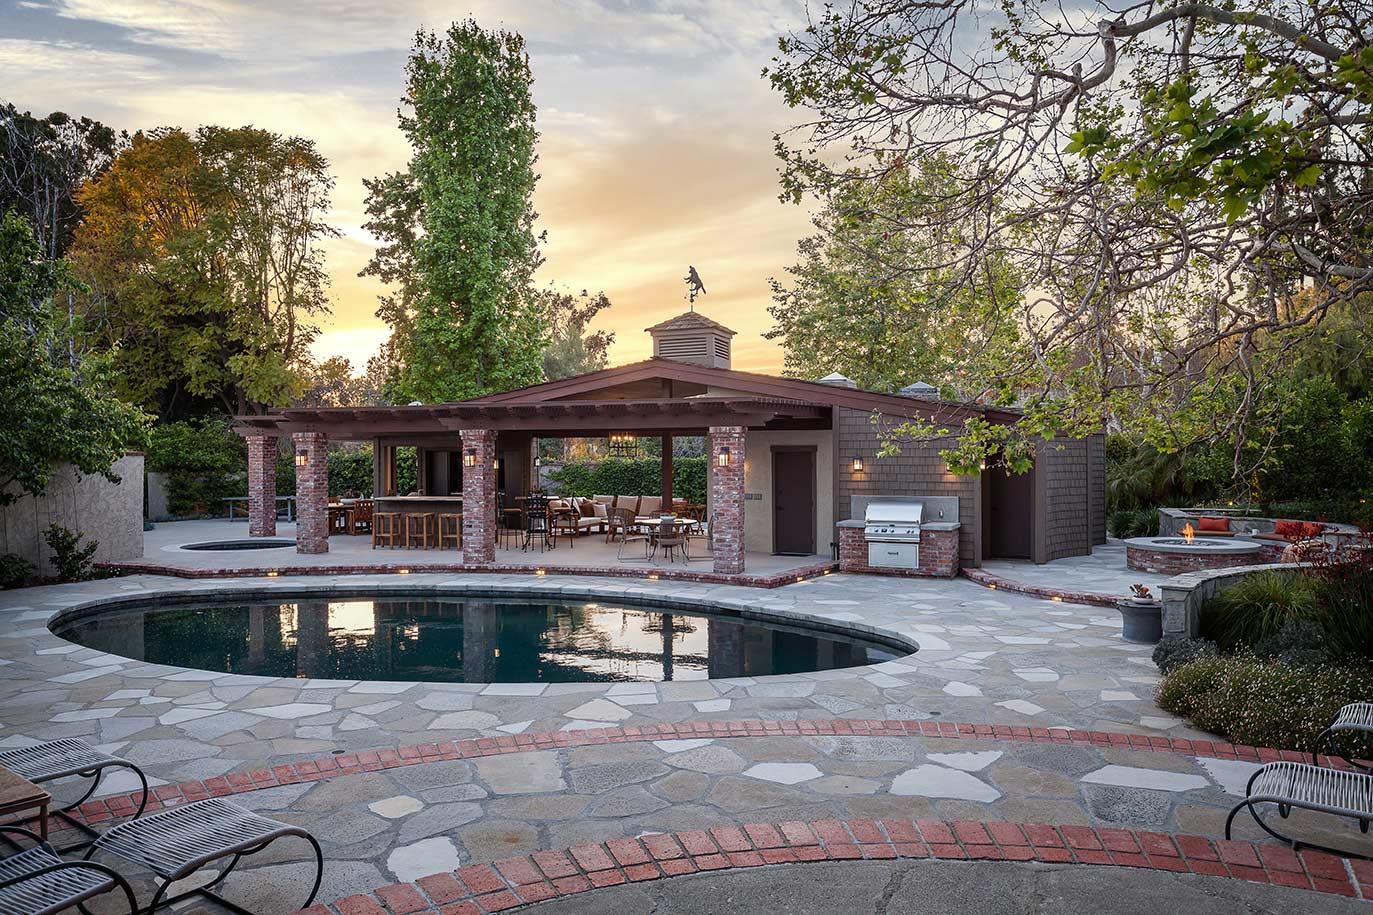 Ultimate Luxury Outdoor Living & Design by HartmanBaldwin